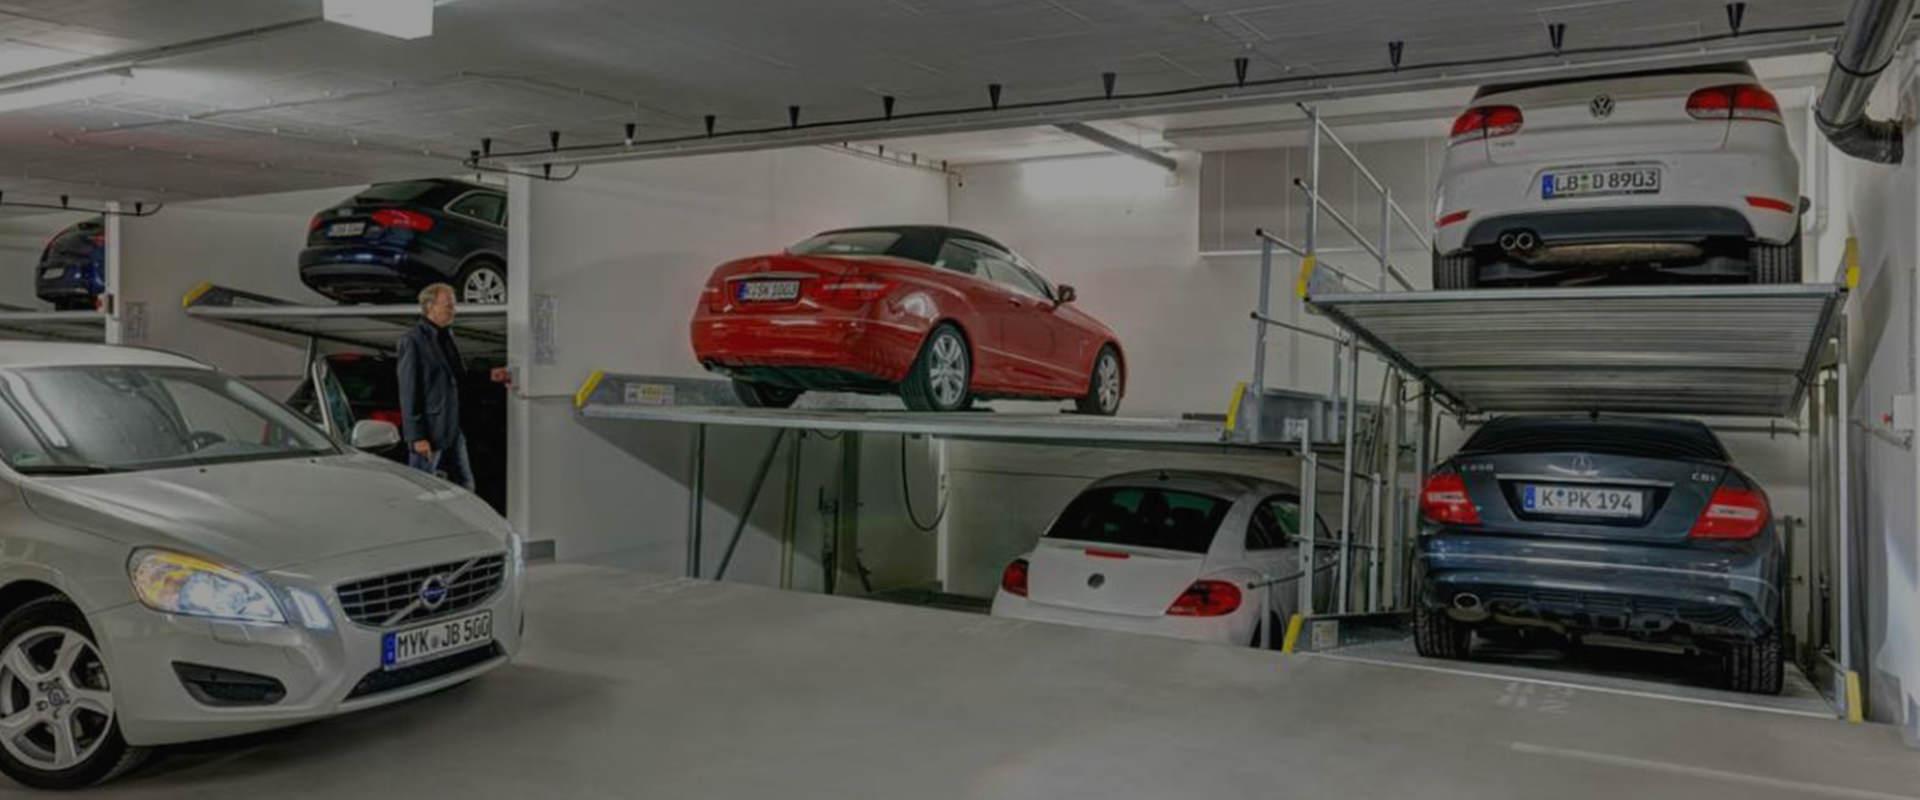 Μηχανικές Θέσεις Στάθμευσης